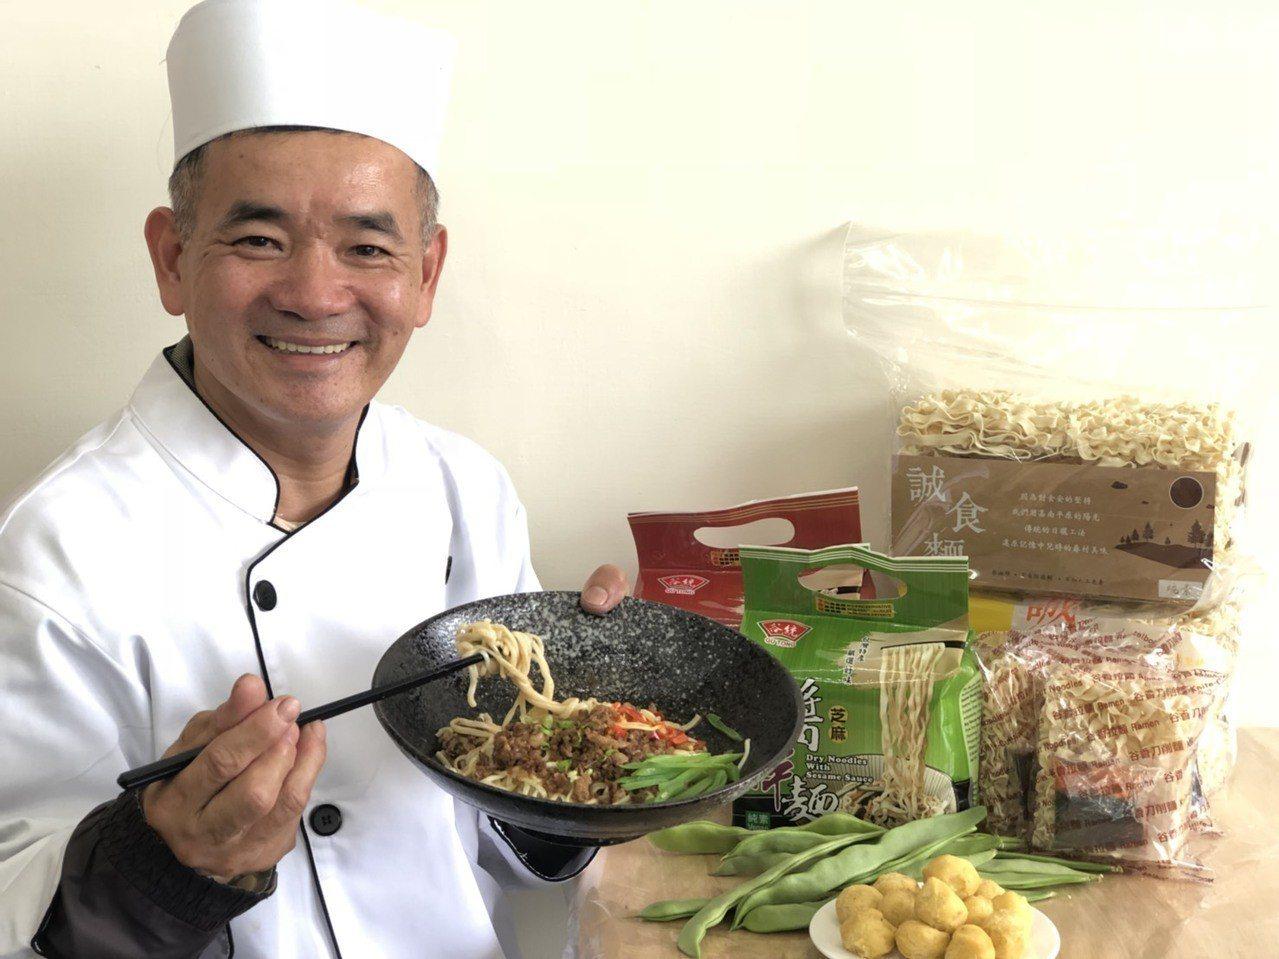 「旺來麵食館」店長劉偵奕經營自然農園,他認為,餐飲是良心事業,必須把客人當家人款...